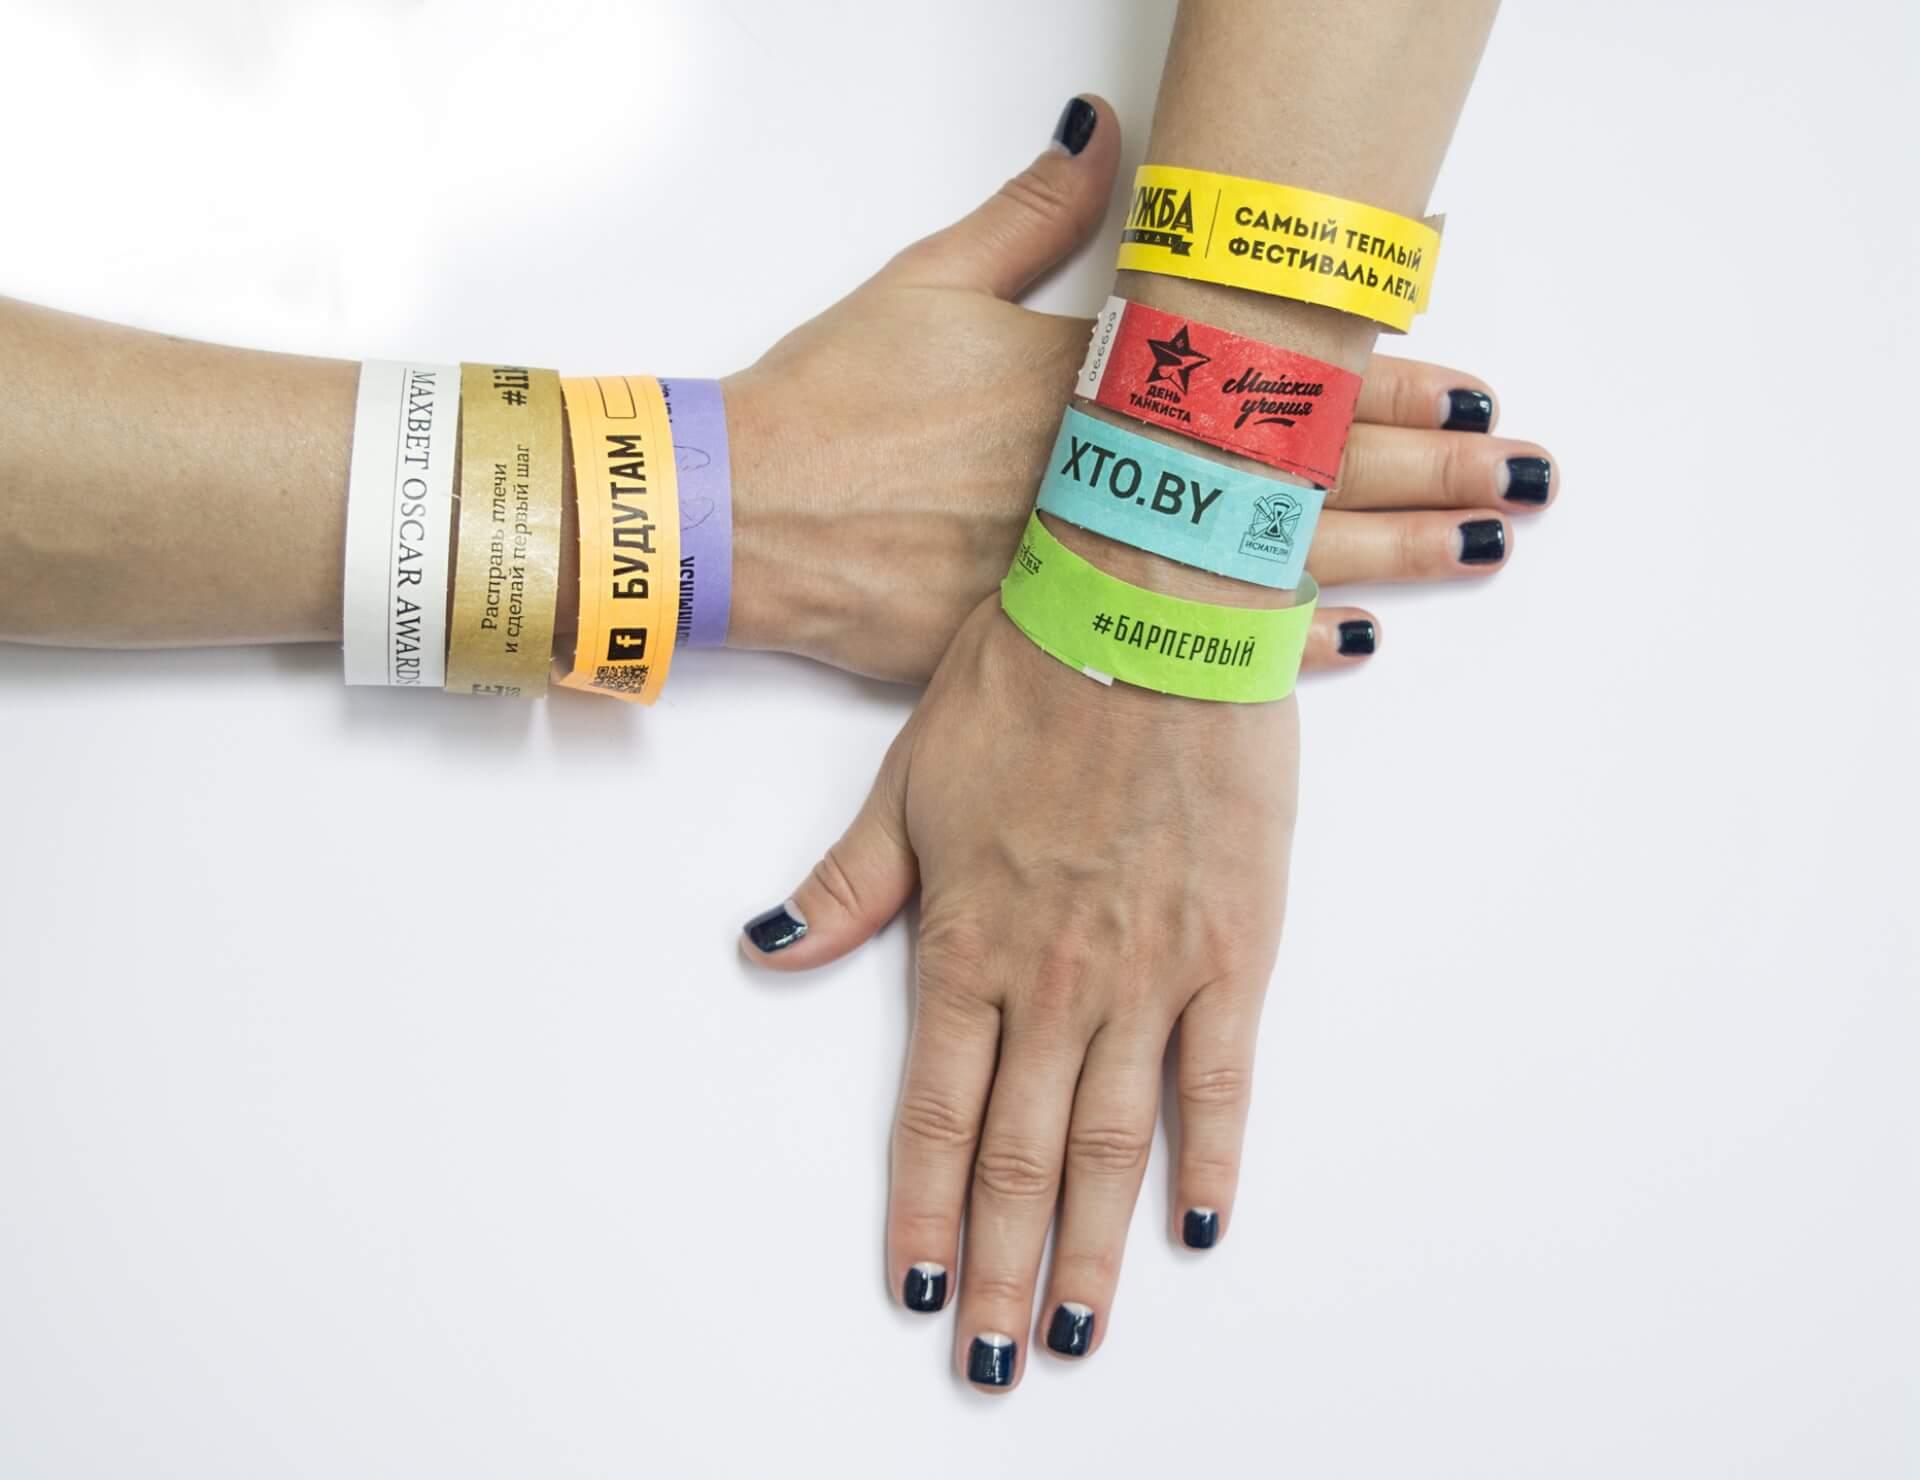 Контрольные браслеты - лучшее решение для мероприятия | BRANDBAG